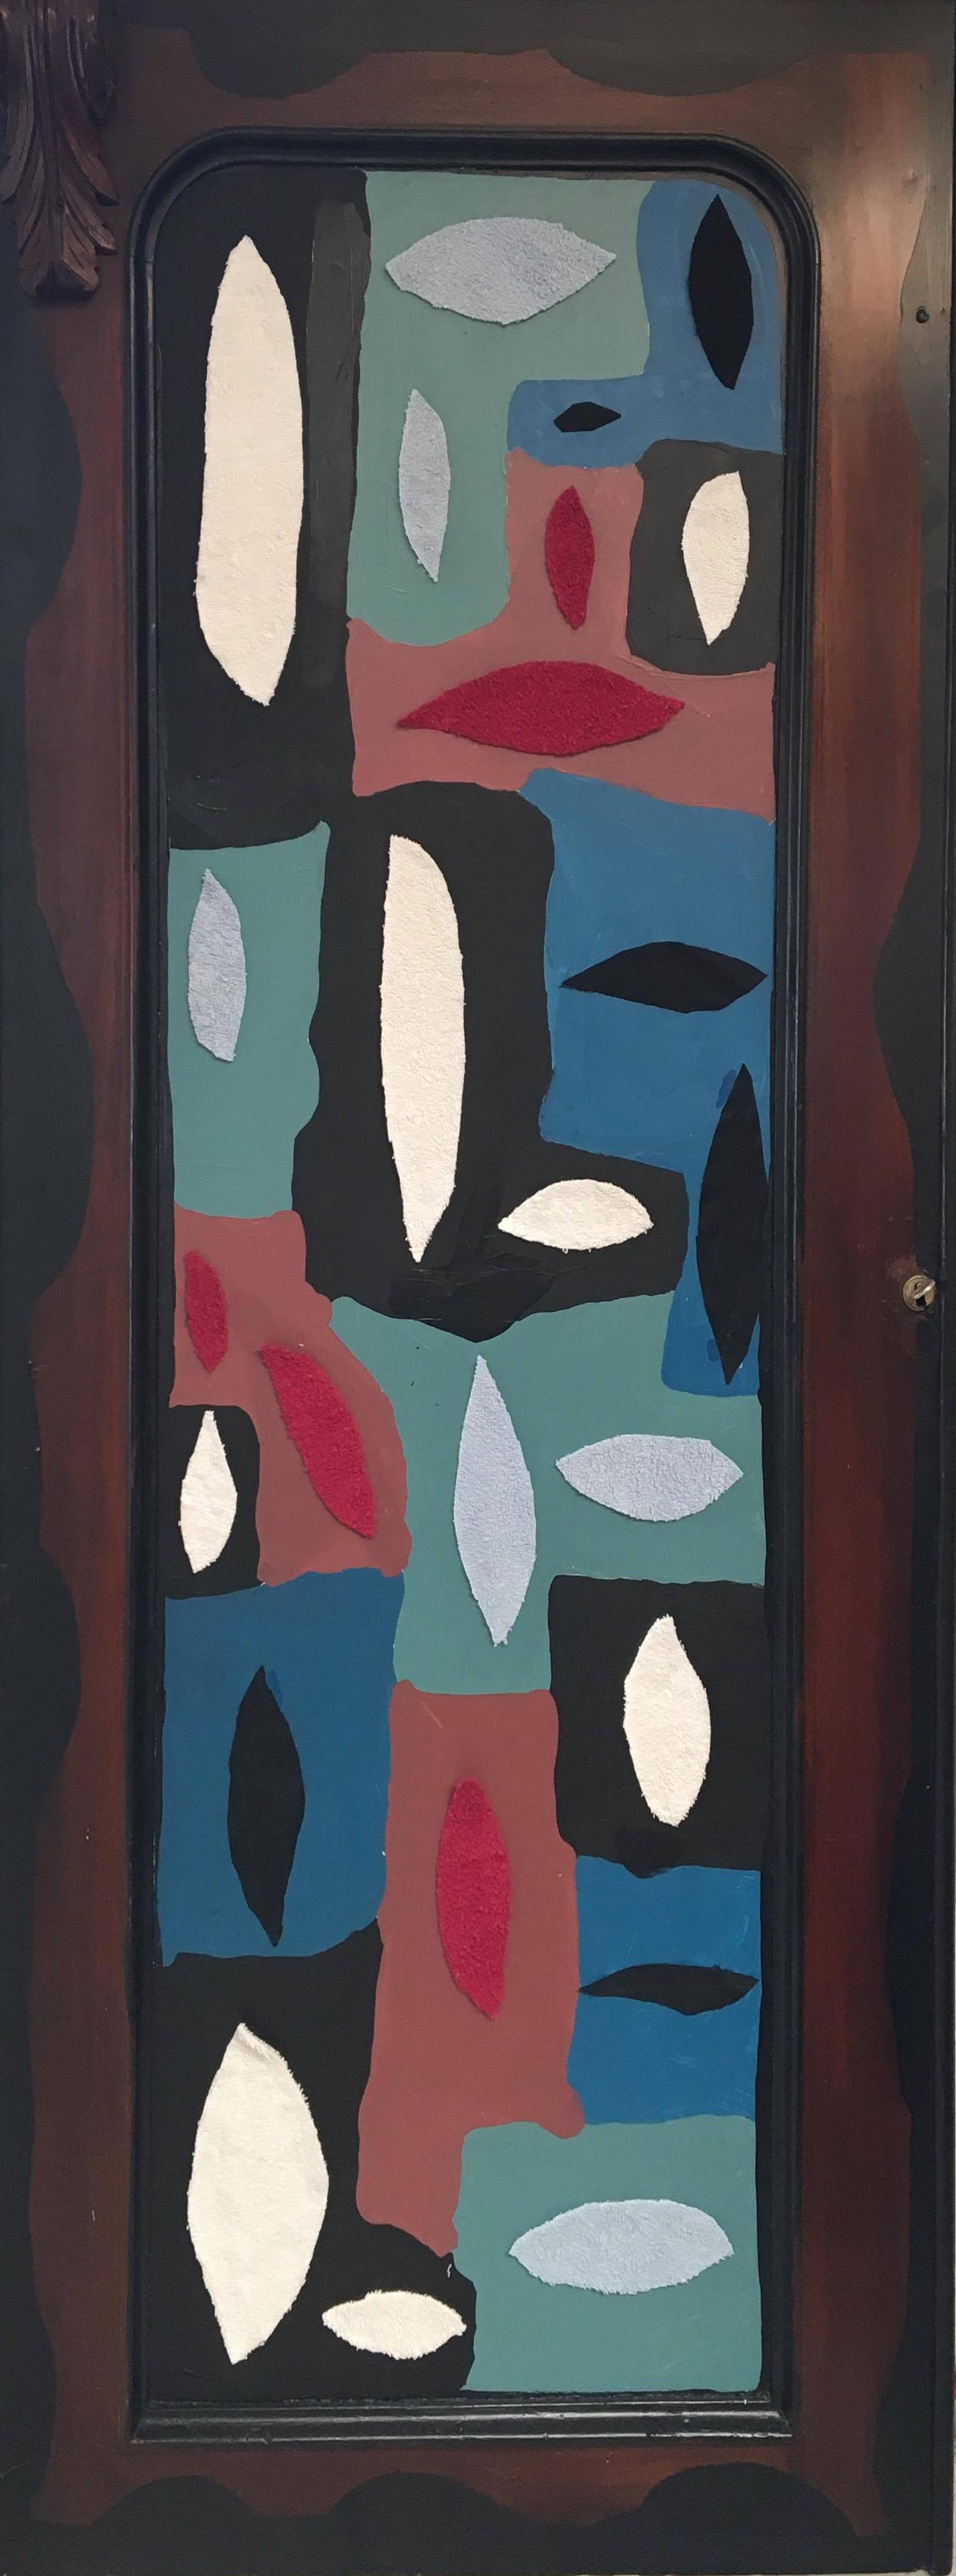 Acrylic, fabric on door